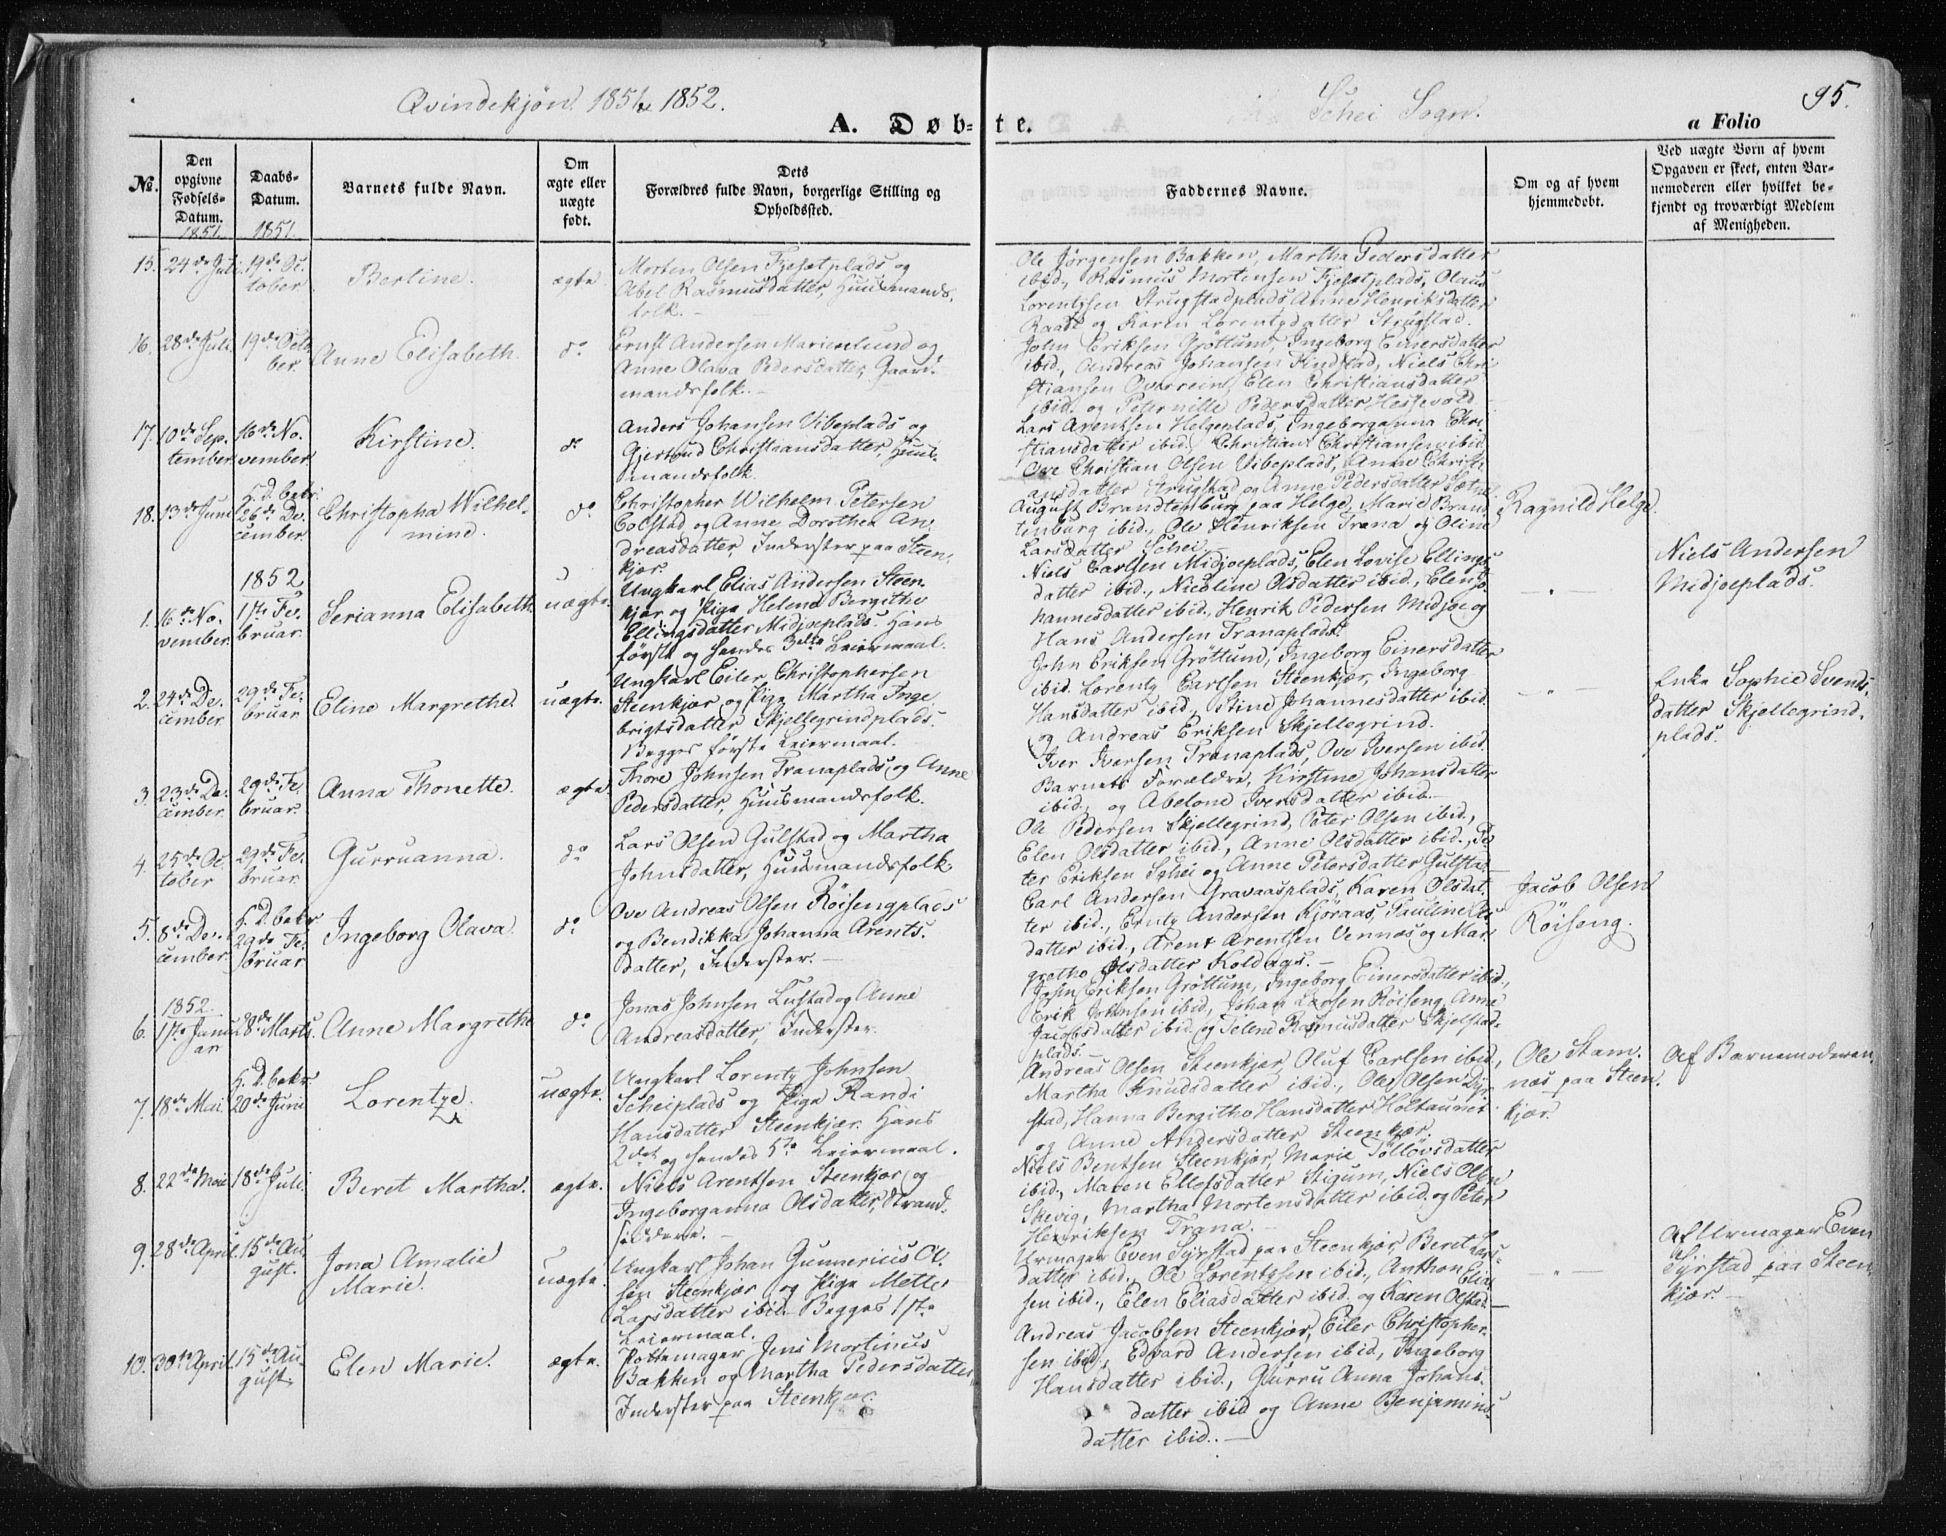 SAT, Ministerialprotokoller, klokkerbøker og fødselsregistre - Nord-Trøndelag, 735/L0342: Ministerialbok nr. 735A07 /2, 1849-1862, s. 95